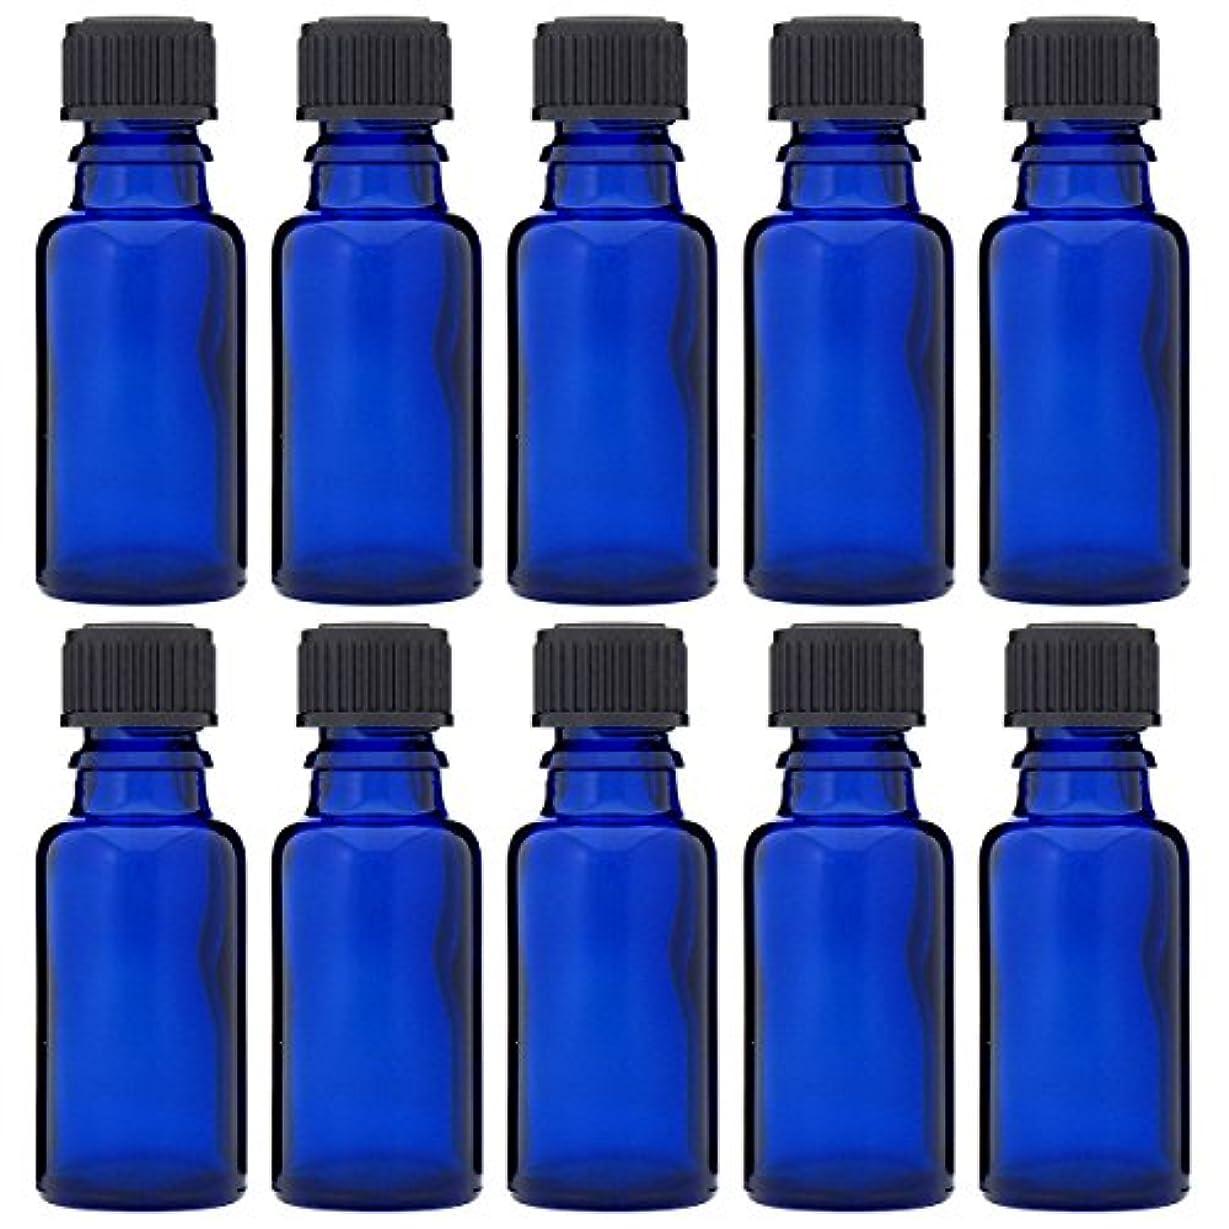 激しい枠棚青色遮光ビン 30ml (ドロッパー付) 10本セット